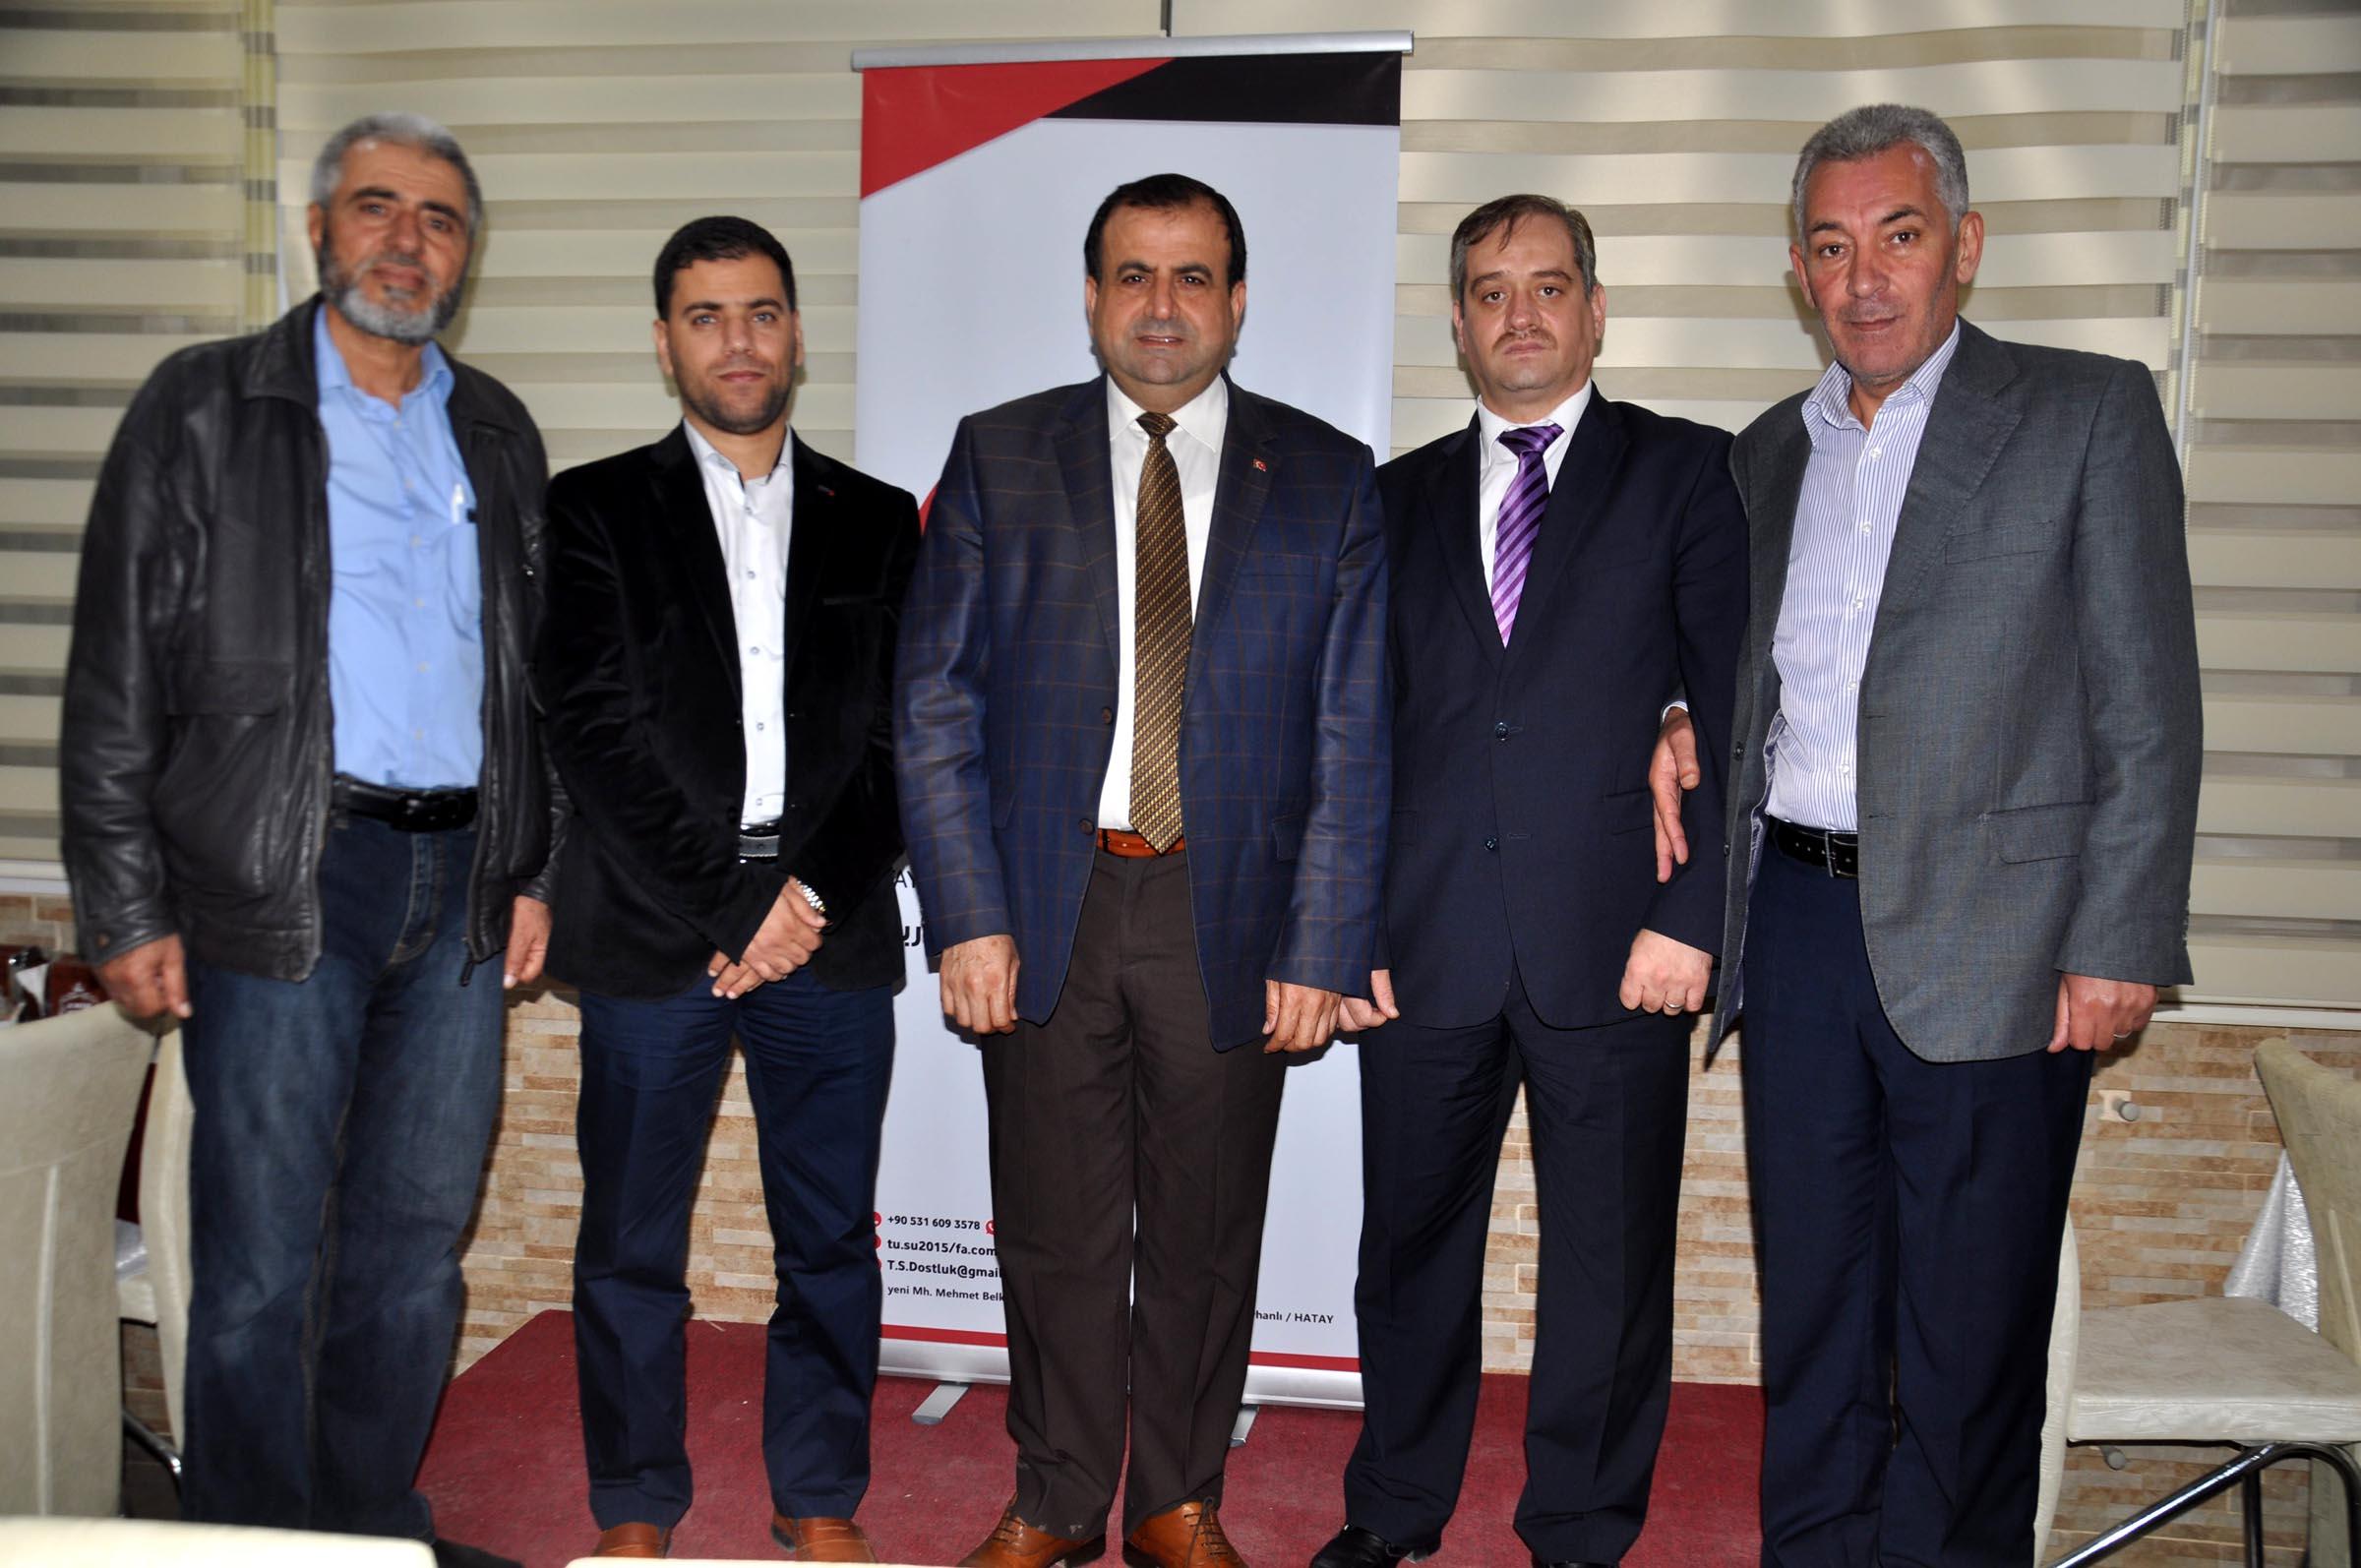 Suriyeli Avukat ve Hakimler temsilcilerini seçti